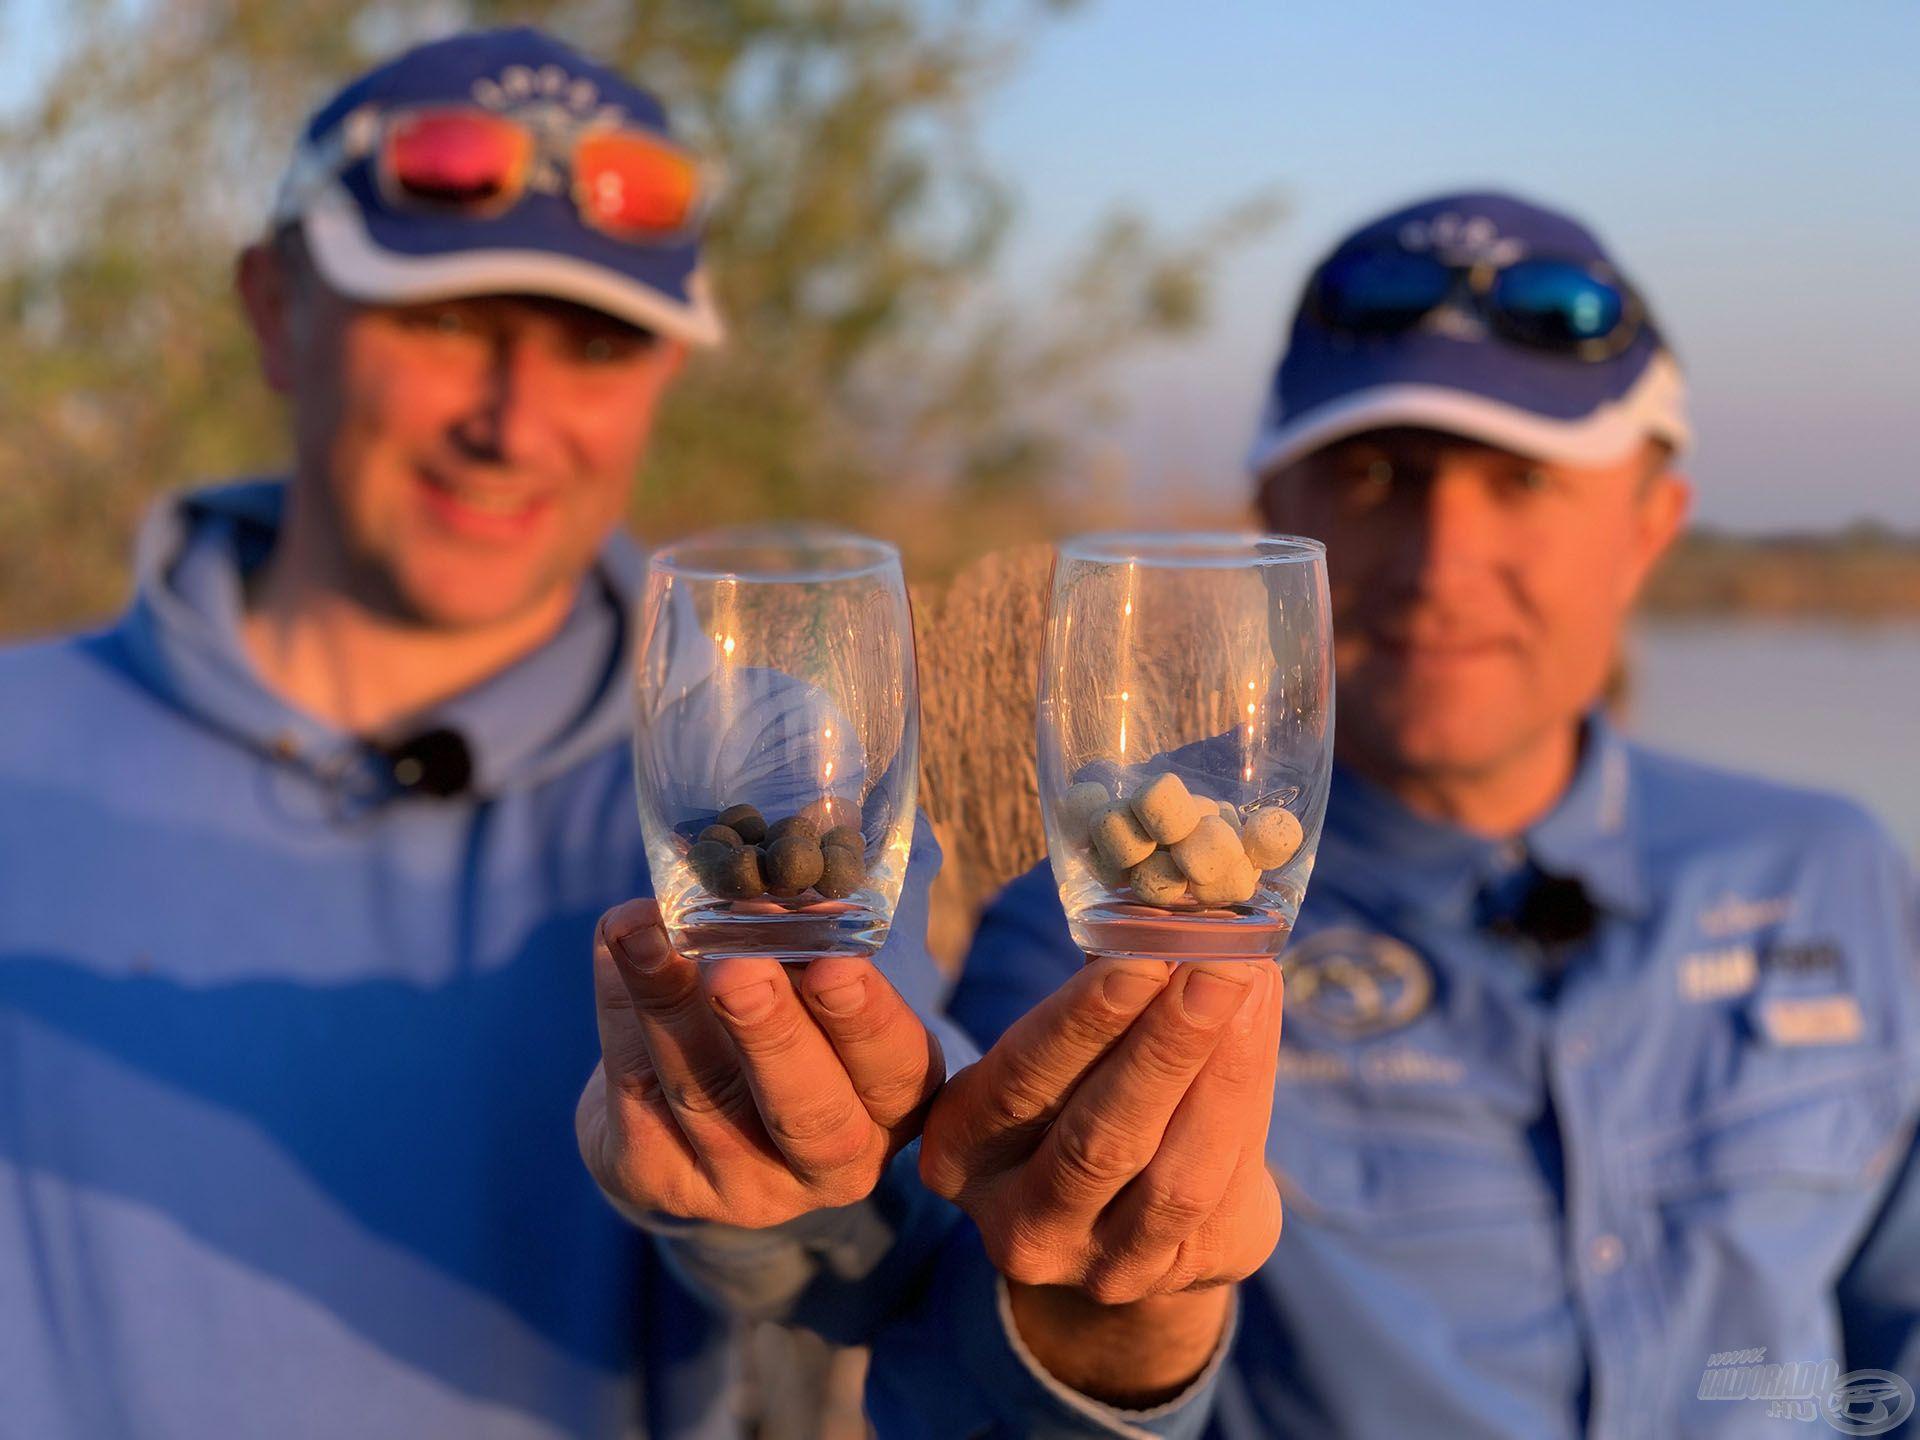 A pohárban található pellet szemek a megfogott halak számát jelzik (nem volt jobb halszámlálónk), a végeredmény 12:16 lett, azaz összesen 28 db pontyot fogtunk a nap folyamán! Soha rosszabb napot!!!